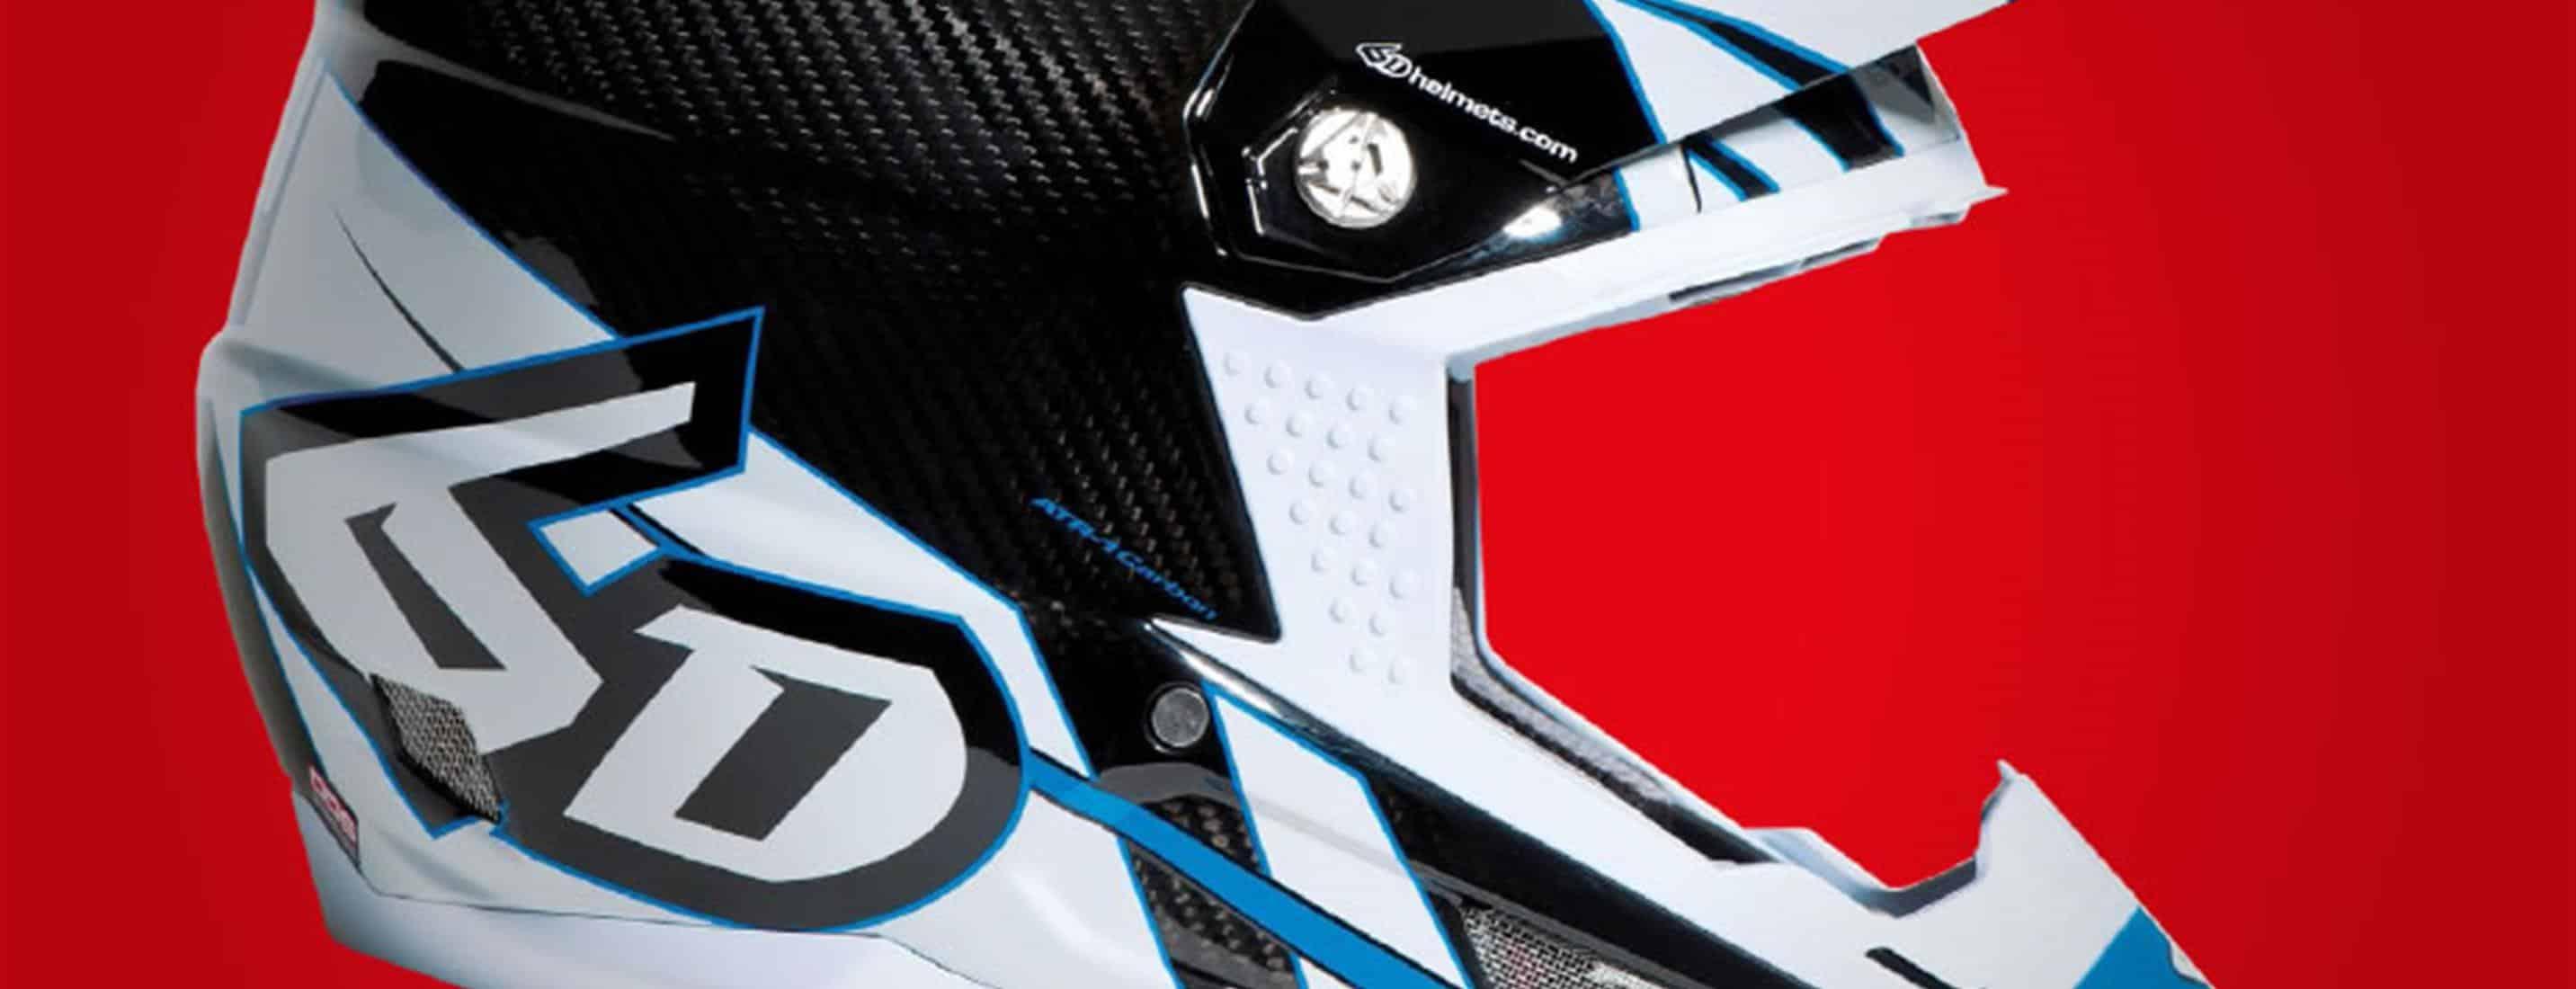 6d-atr-1-helmet